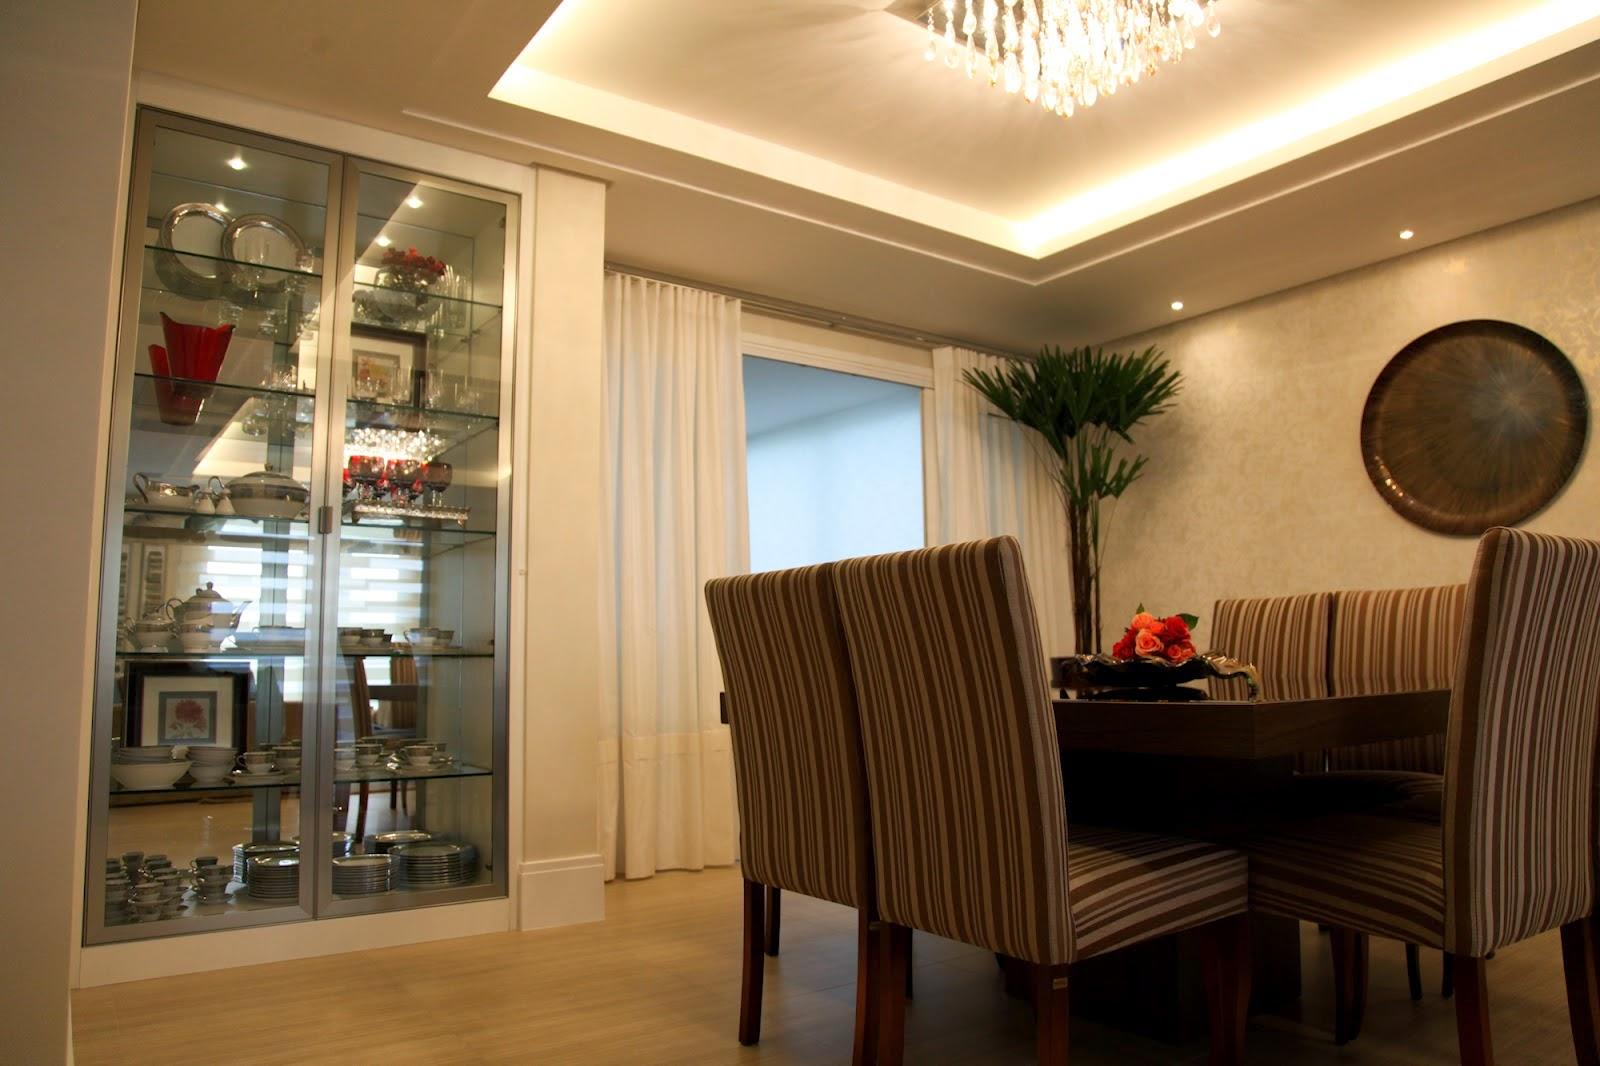 cristaleira, mesa para sala de jantar, cadeiras almofadas, piso laminado